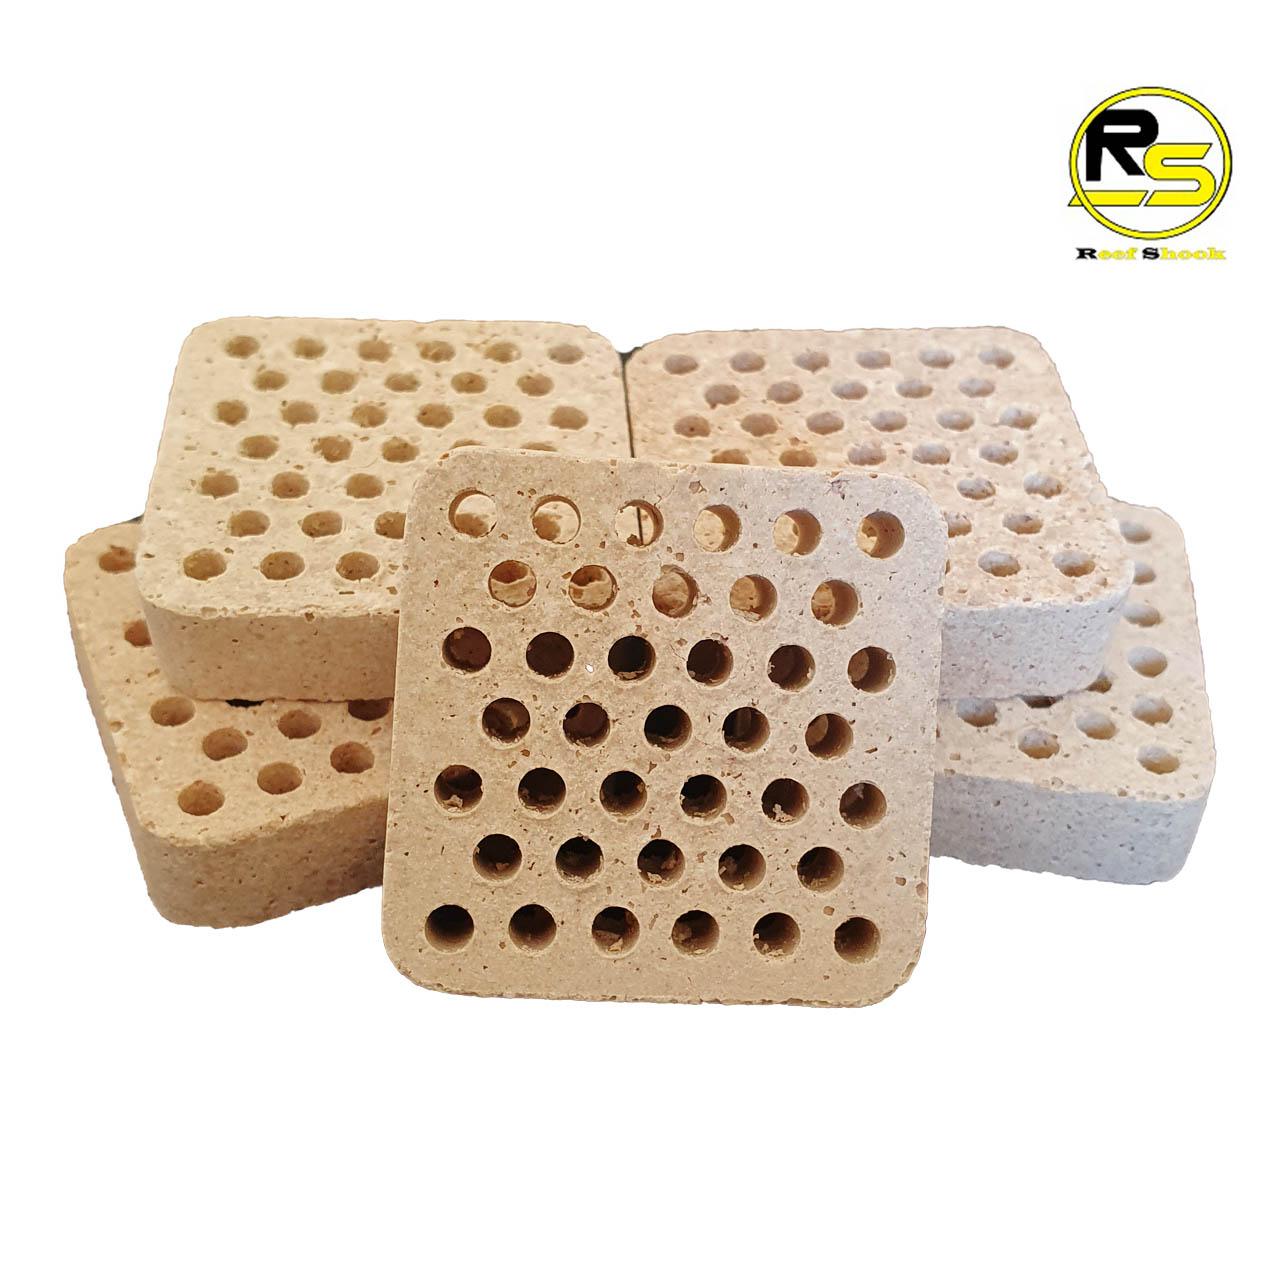 Base para Coral em Ceramica com Furos 3,6 x 3,6 x 1 cm kit 20 unidades